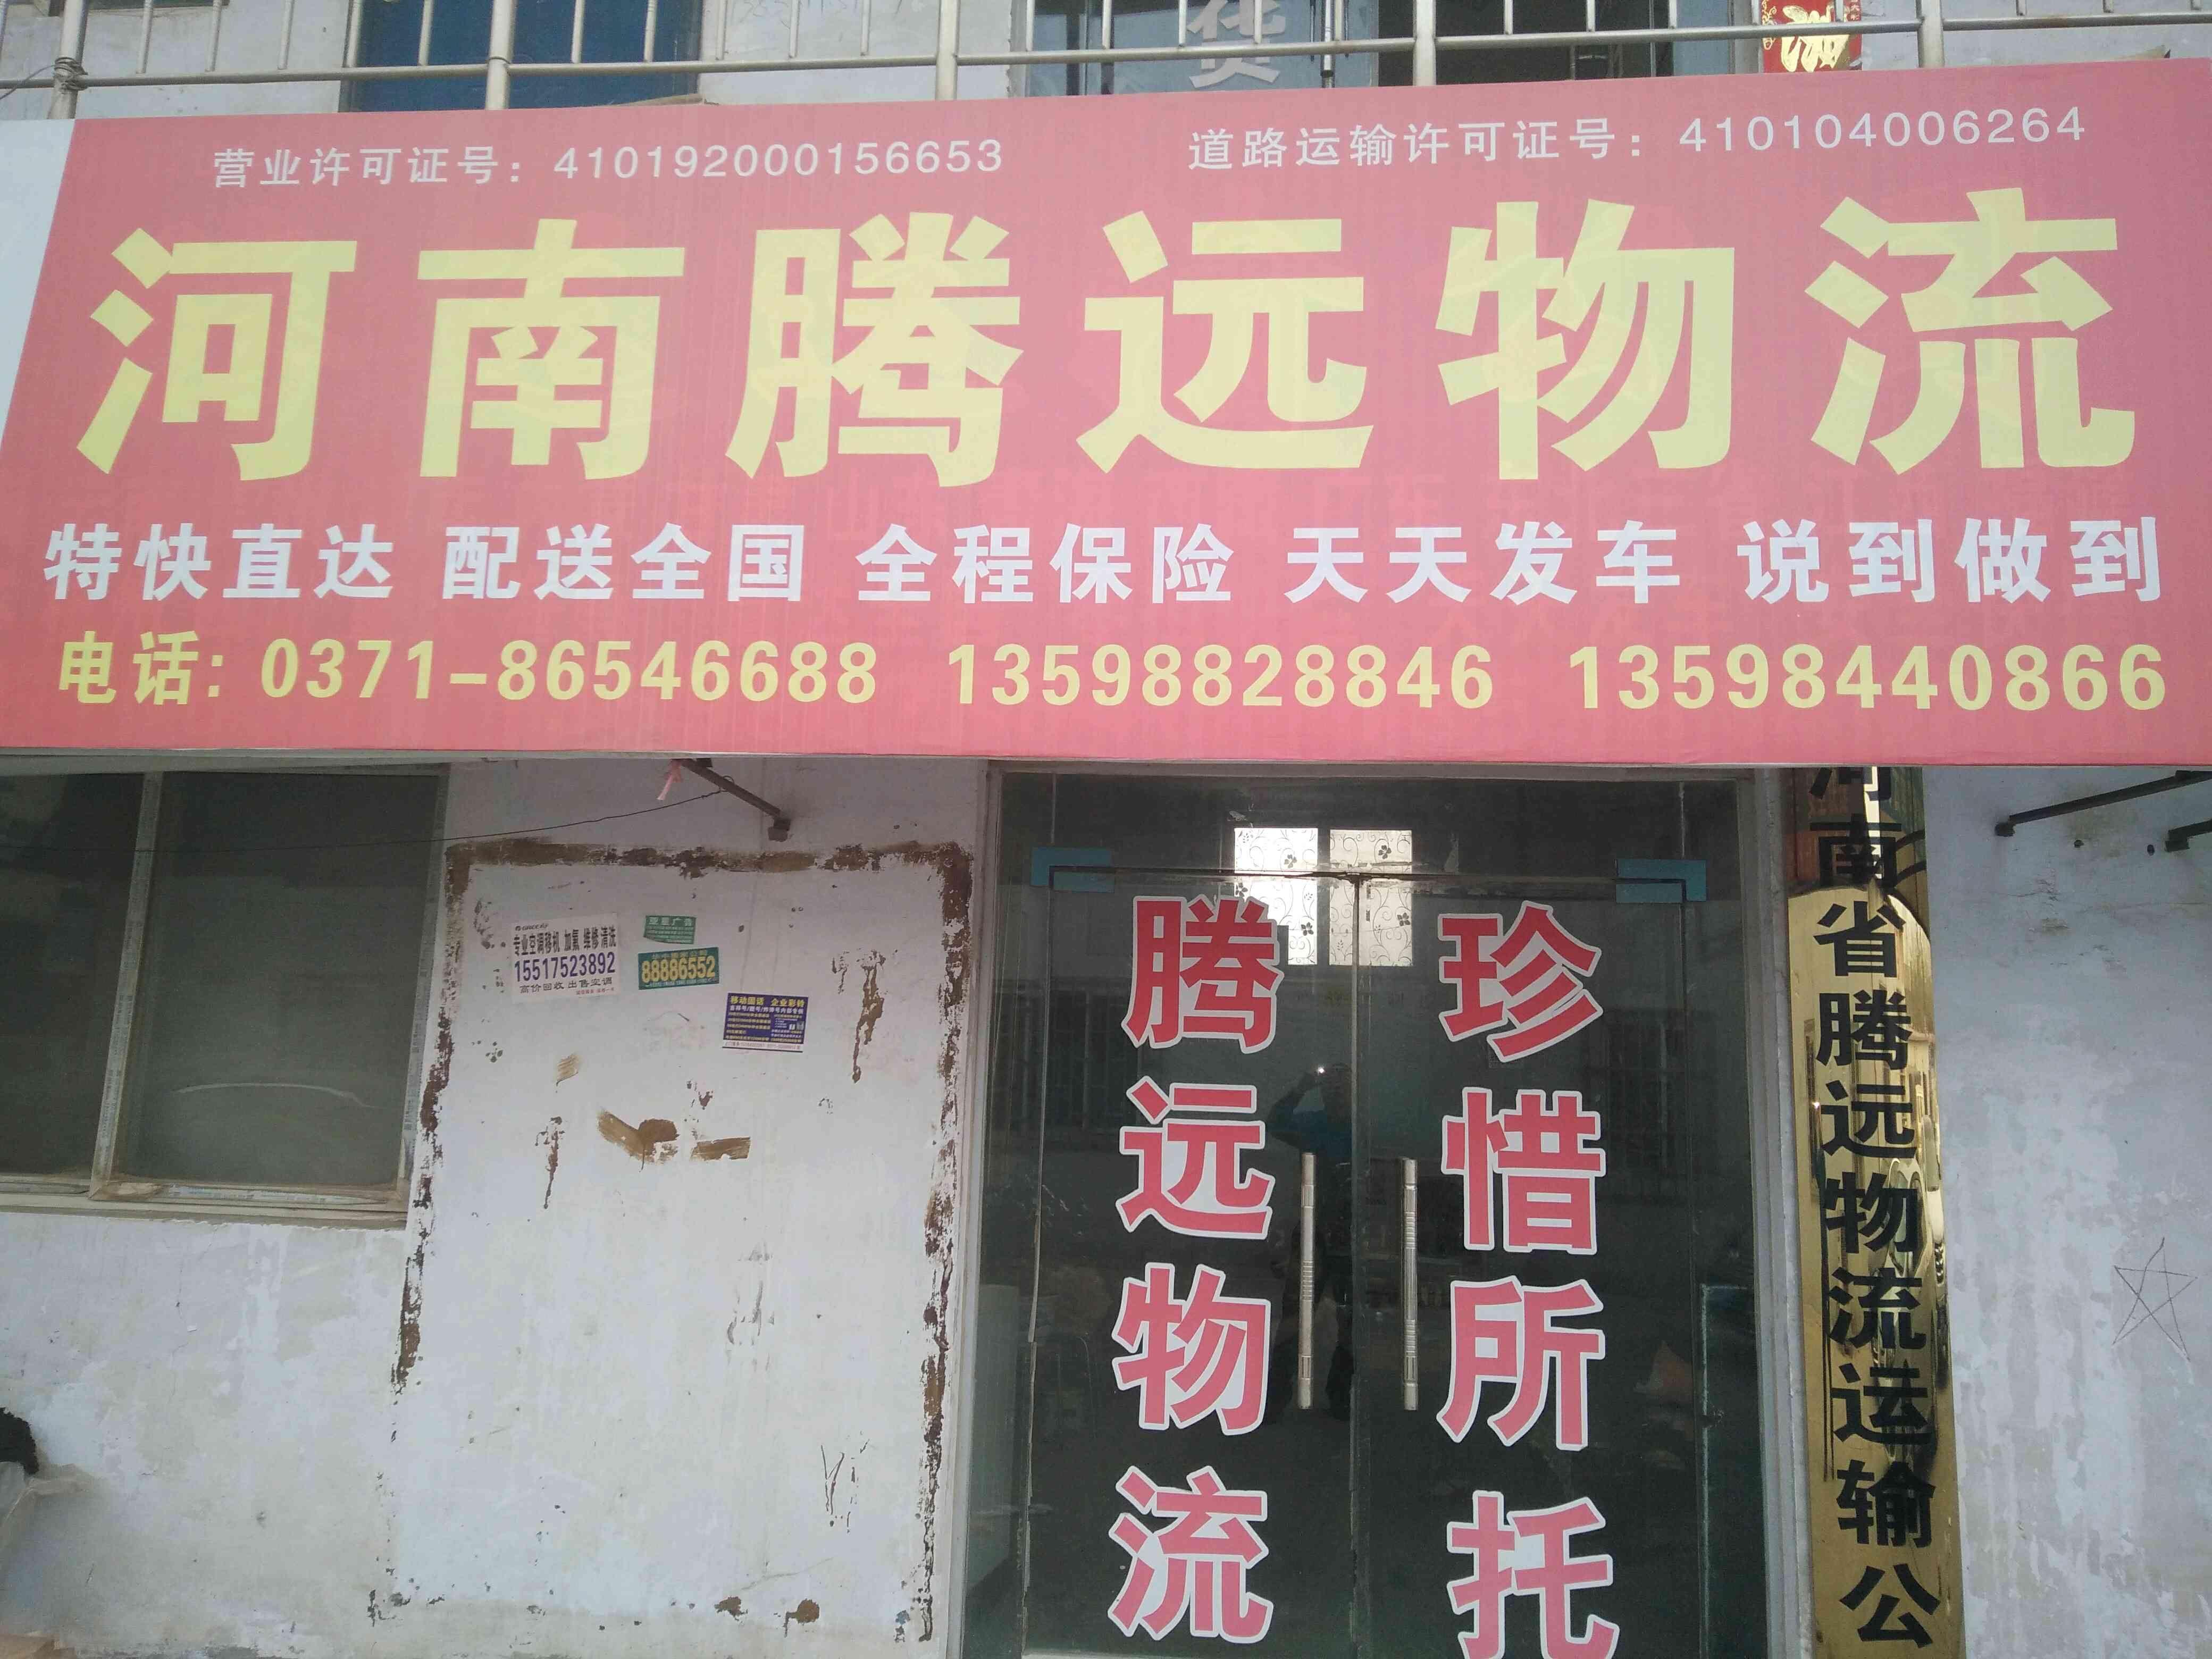 郑州到沧州物流专线(郑州腾远货运有限公司)